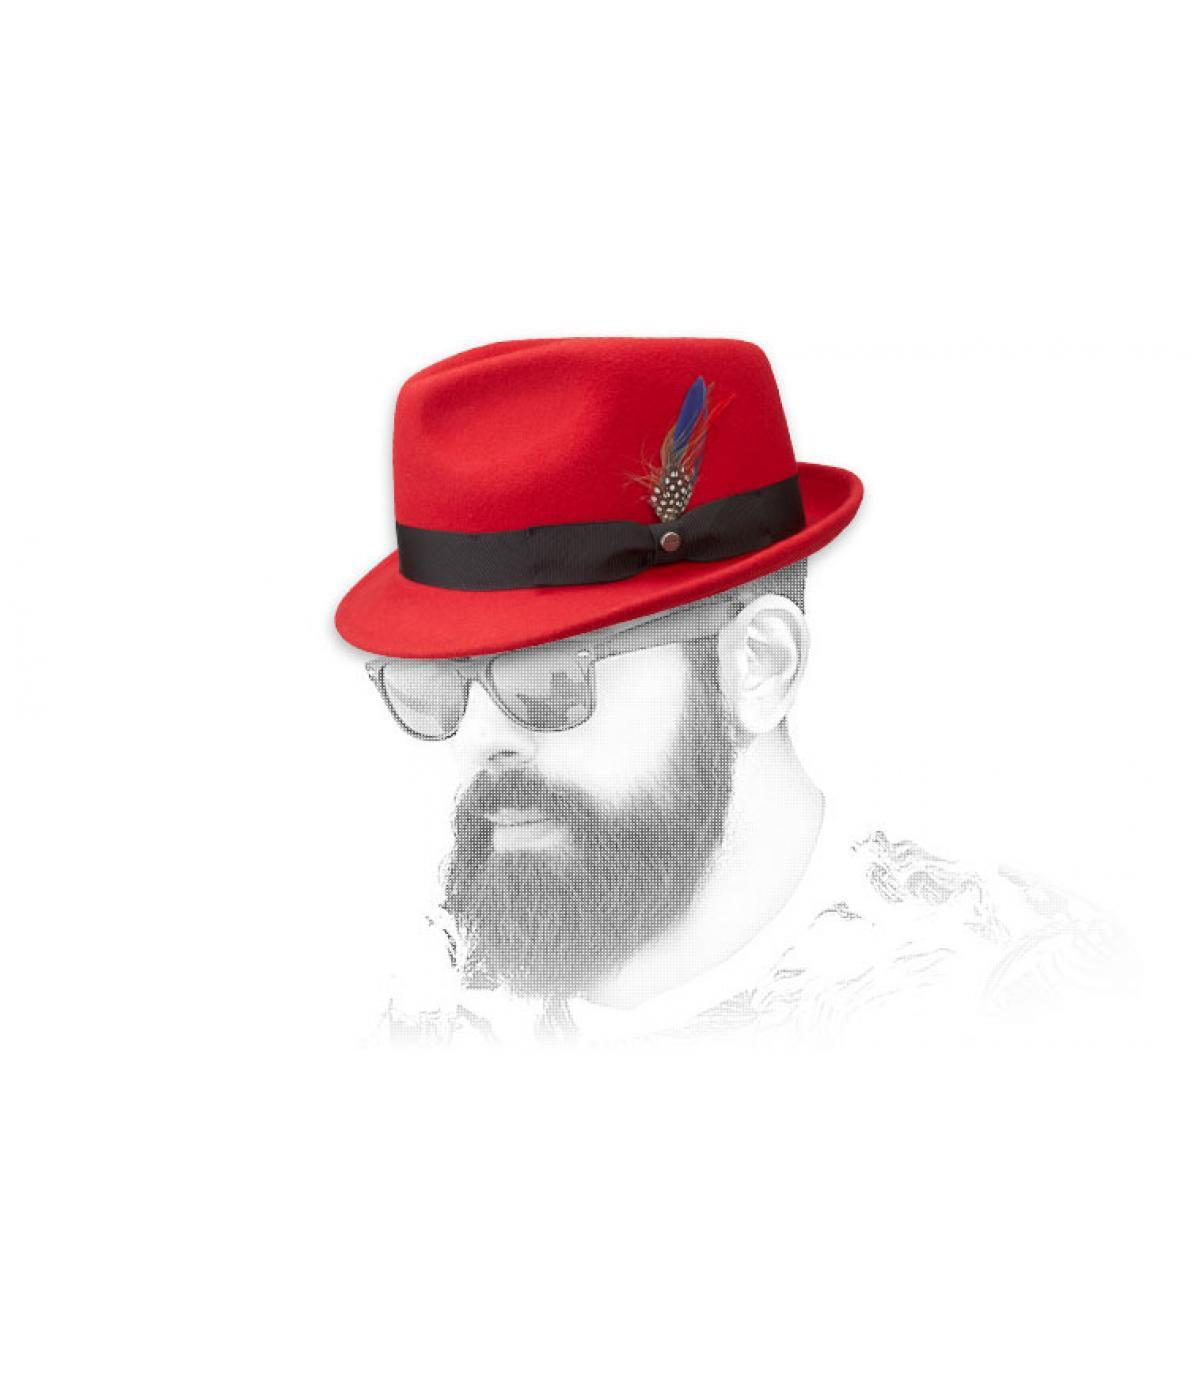 Uomini cappello rosso